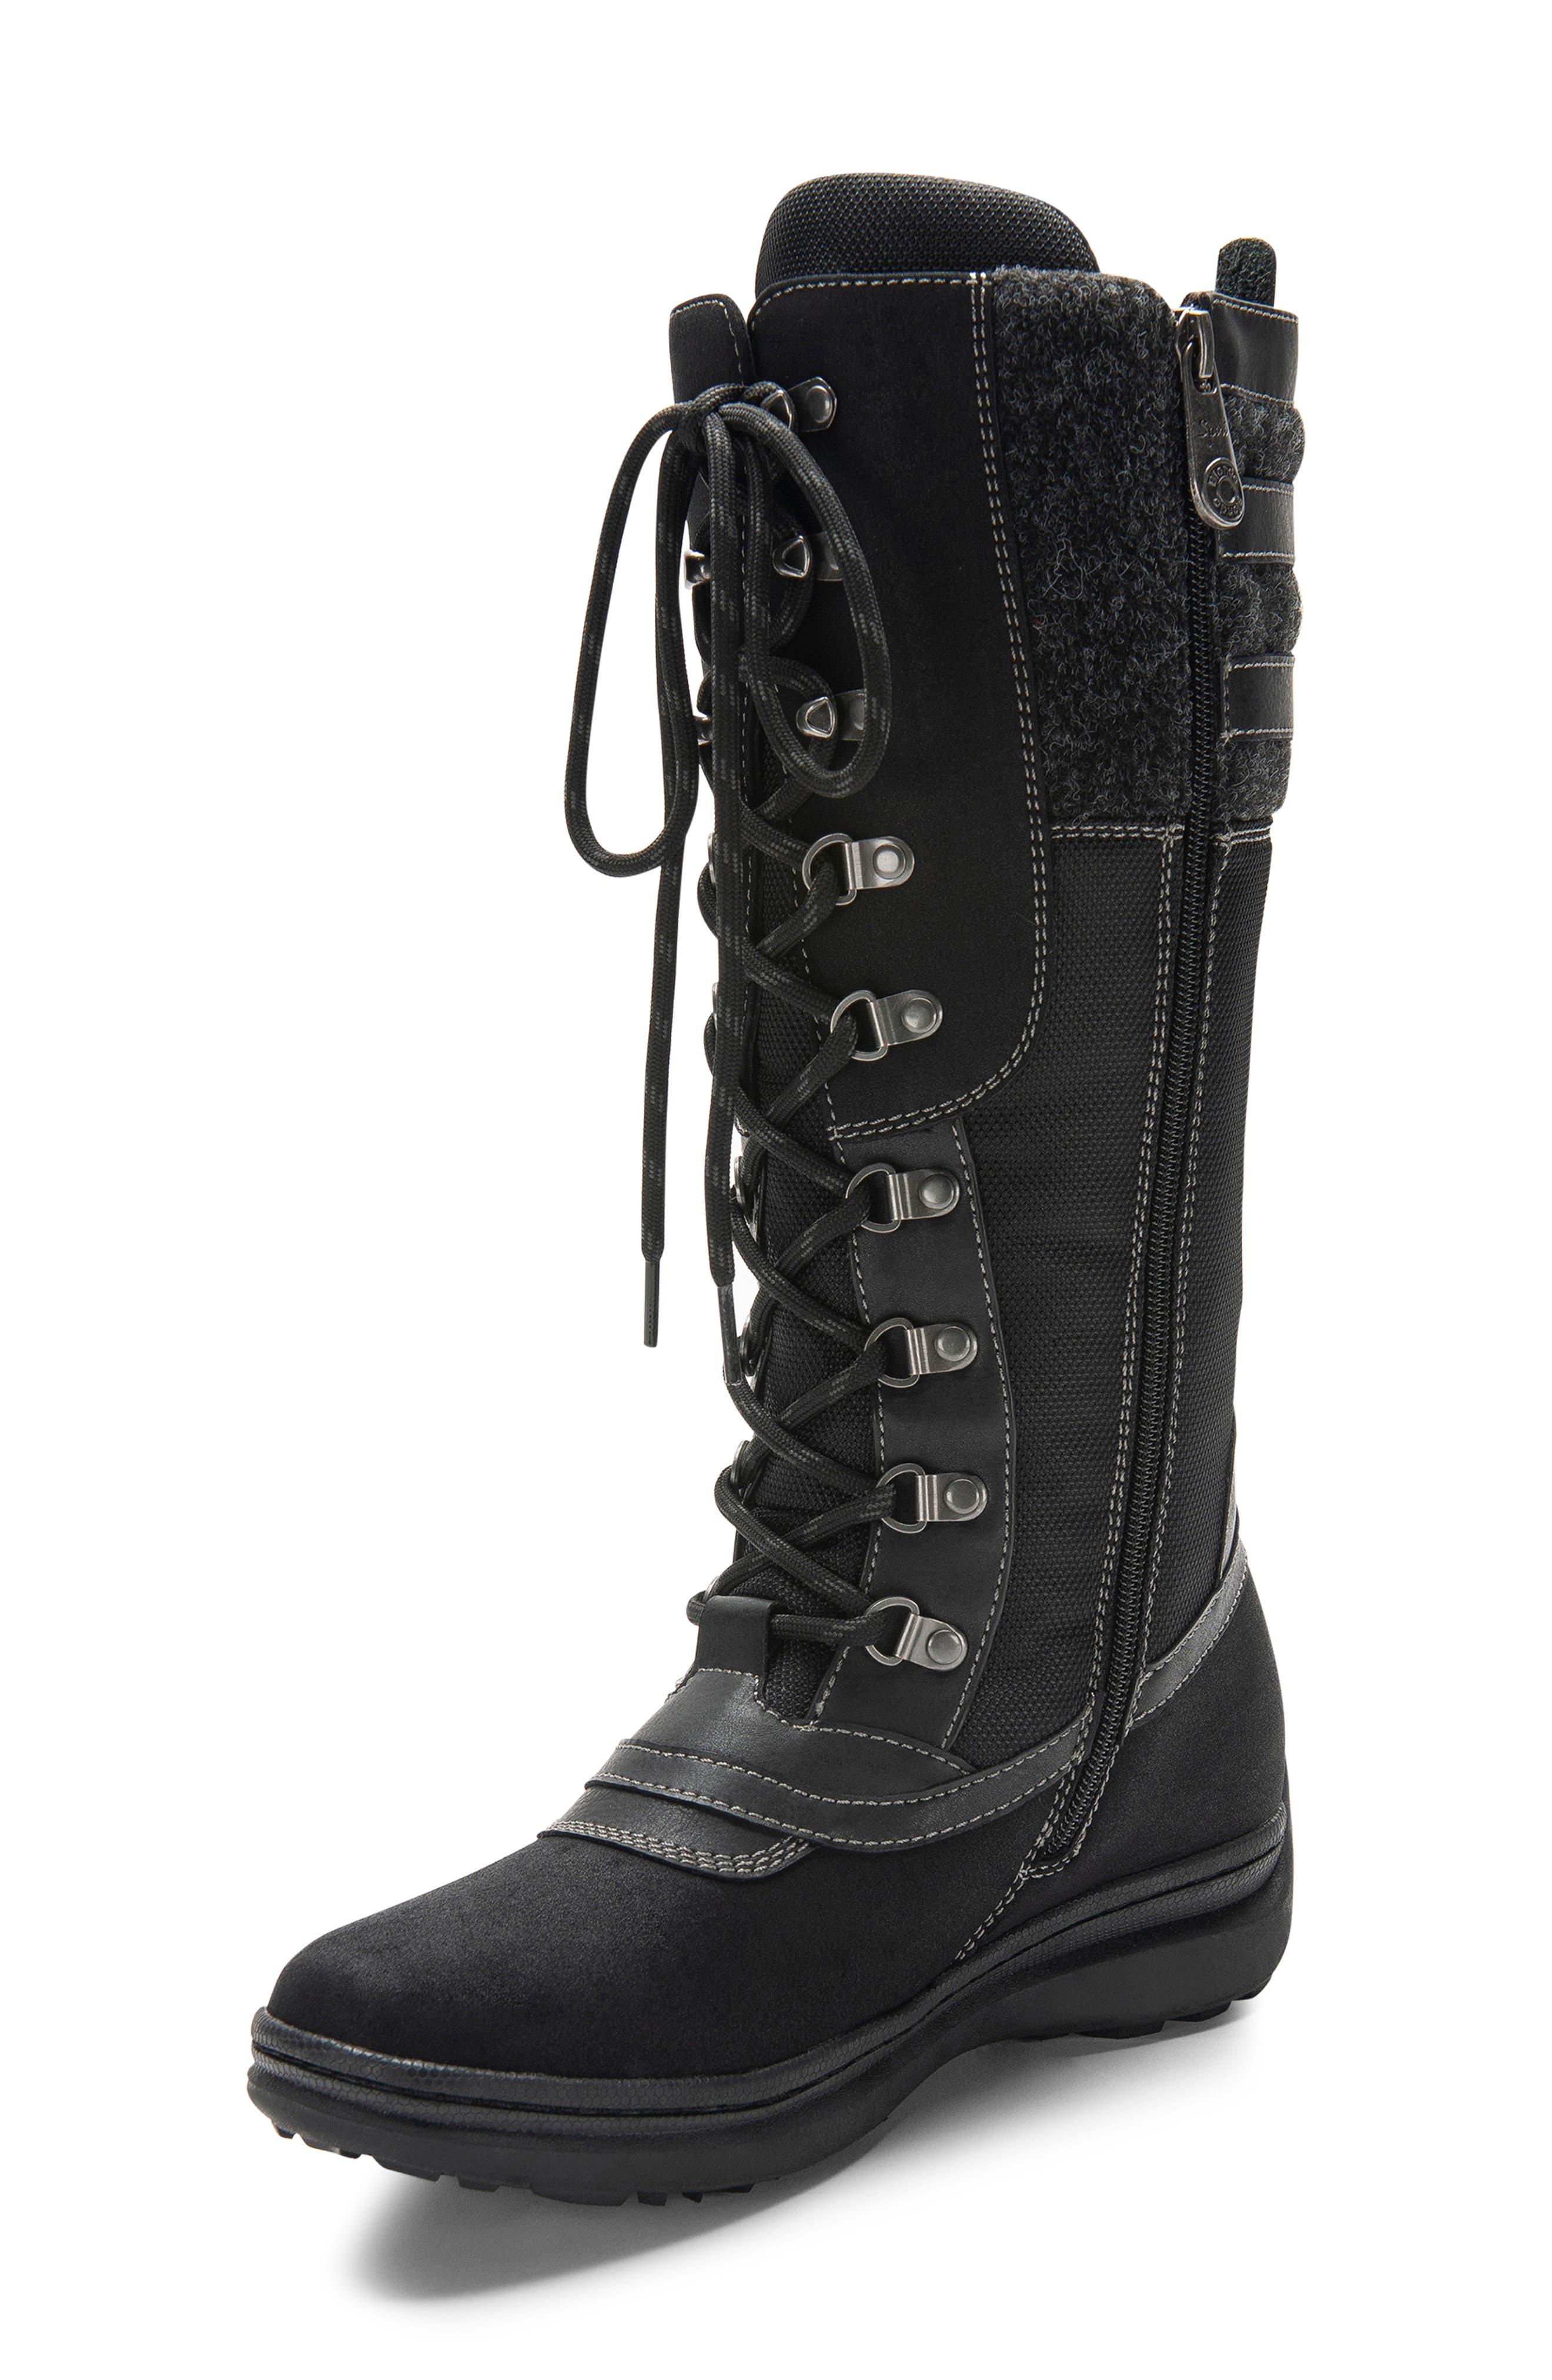 Blondo India Waterproof Snow Boot